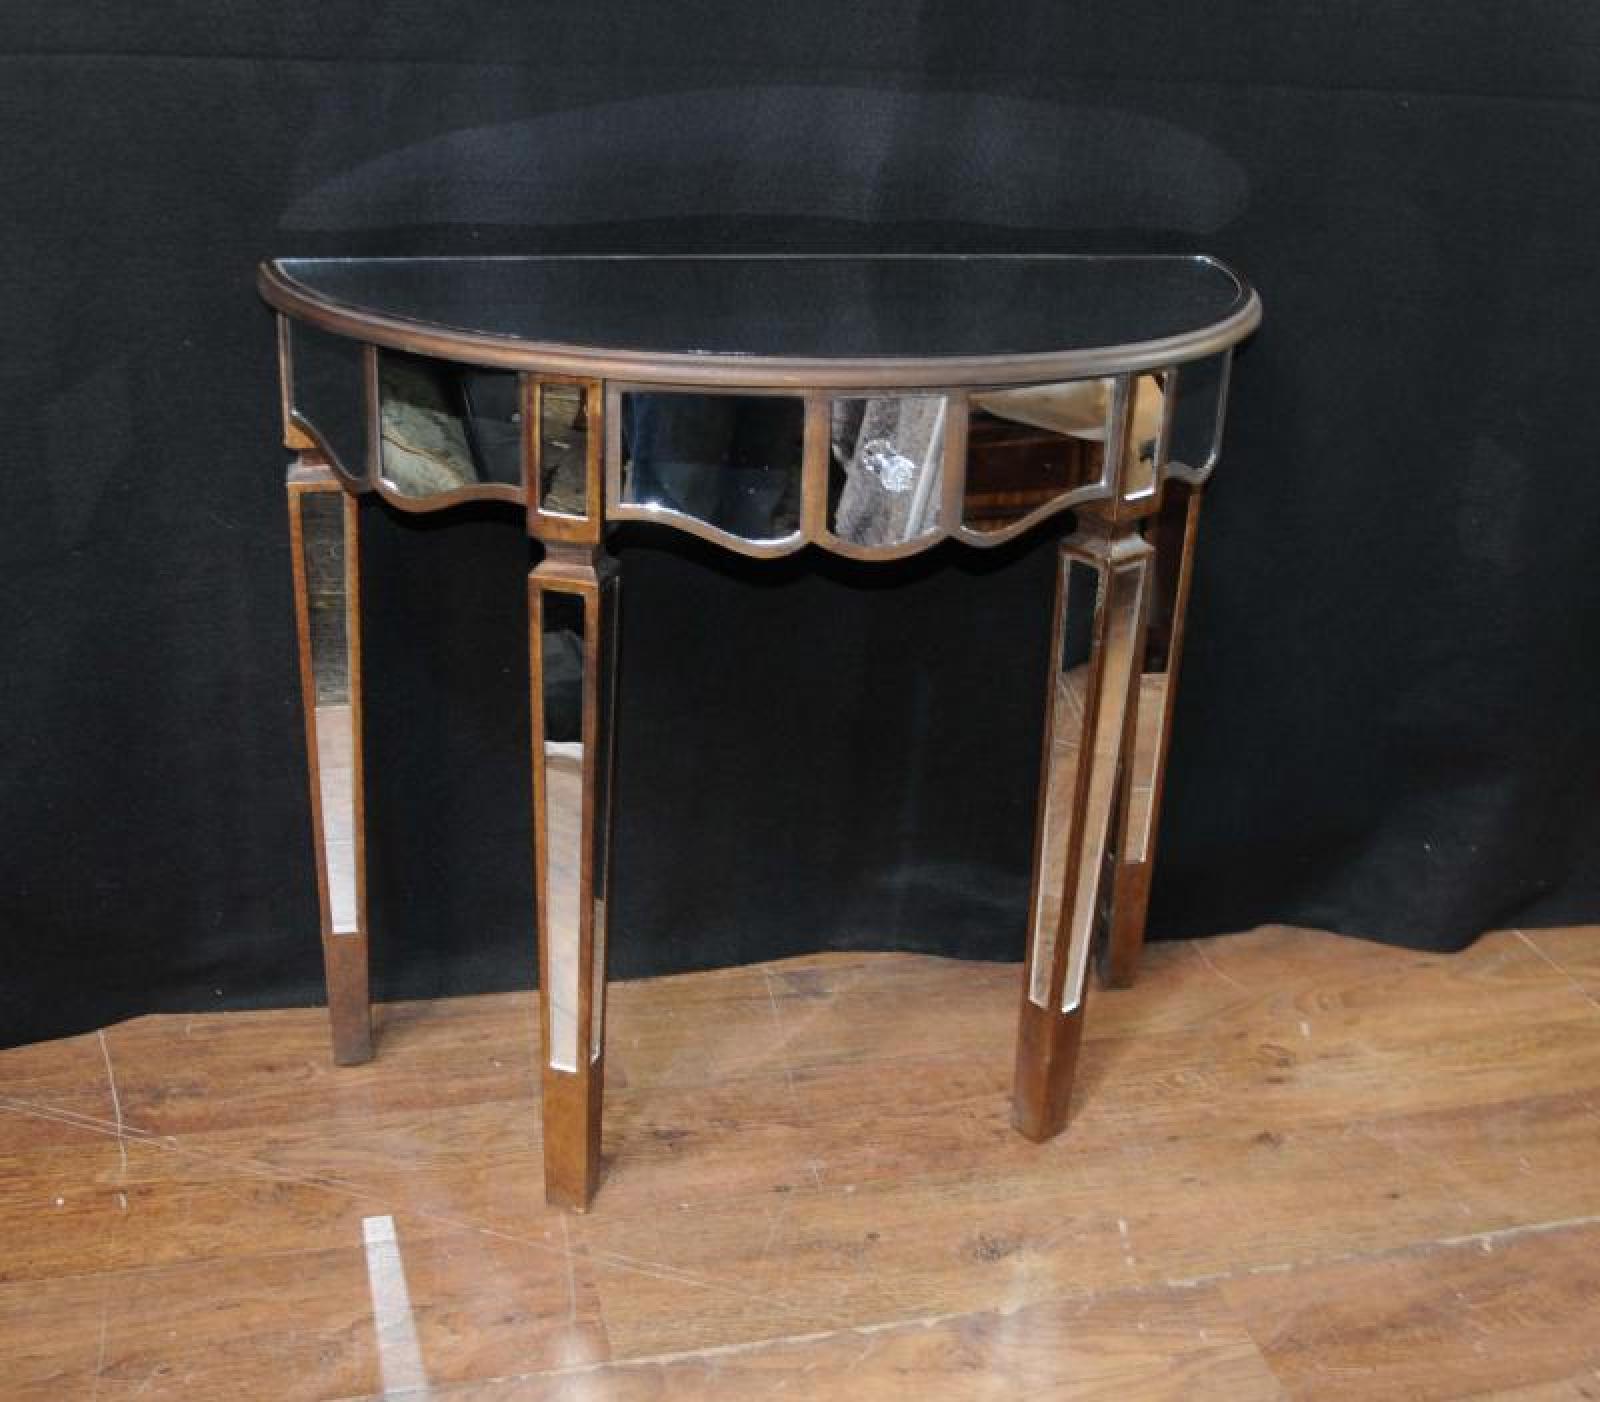 Mirrored Console Table: Mirrored Console Table Art Deco Demi Lune Tables